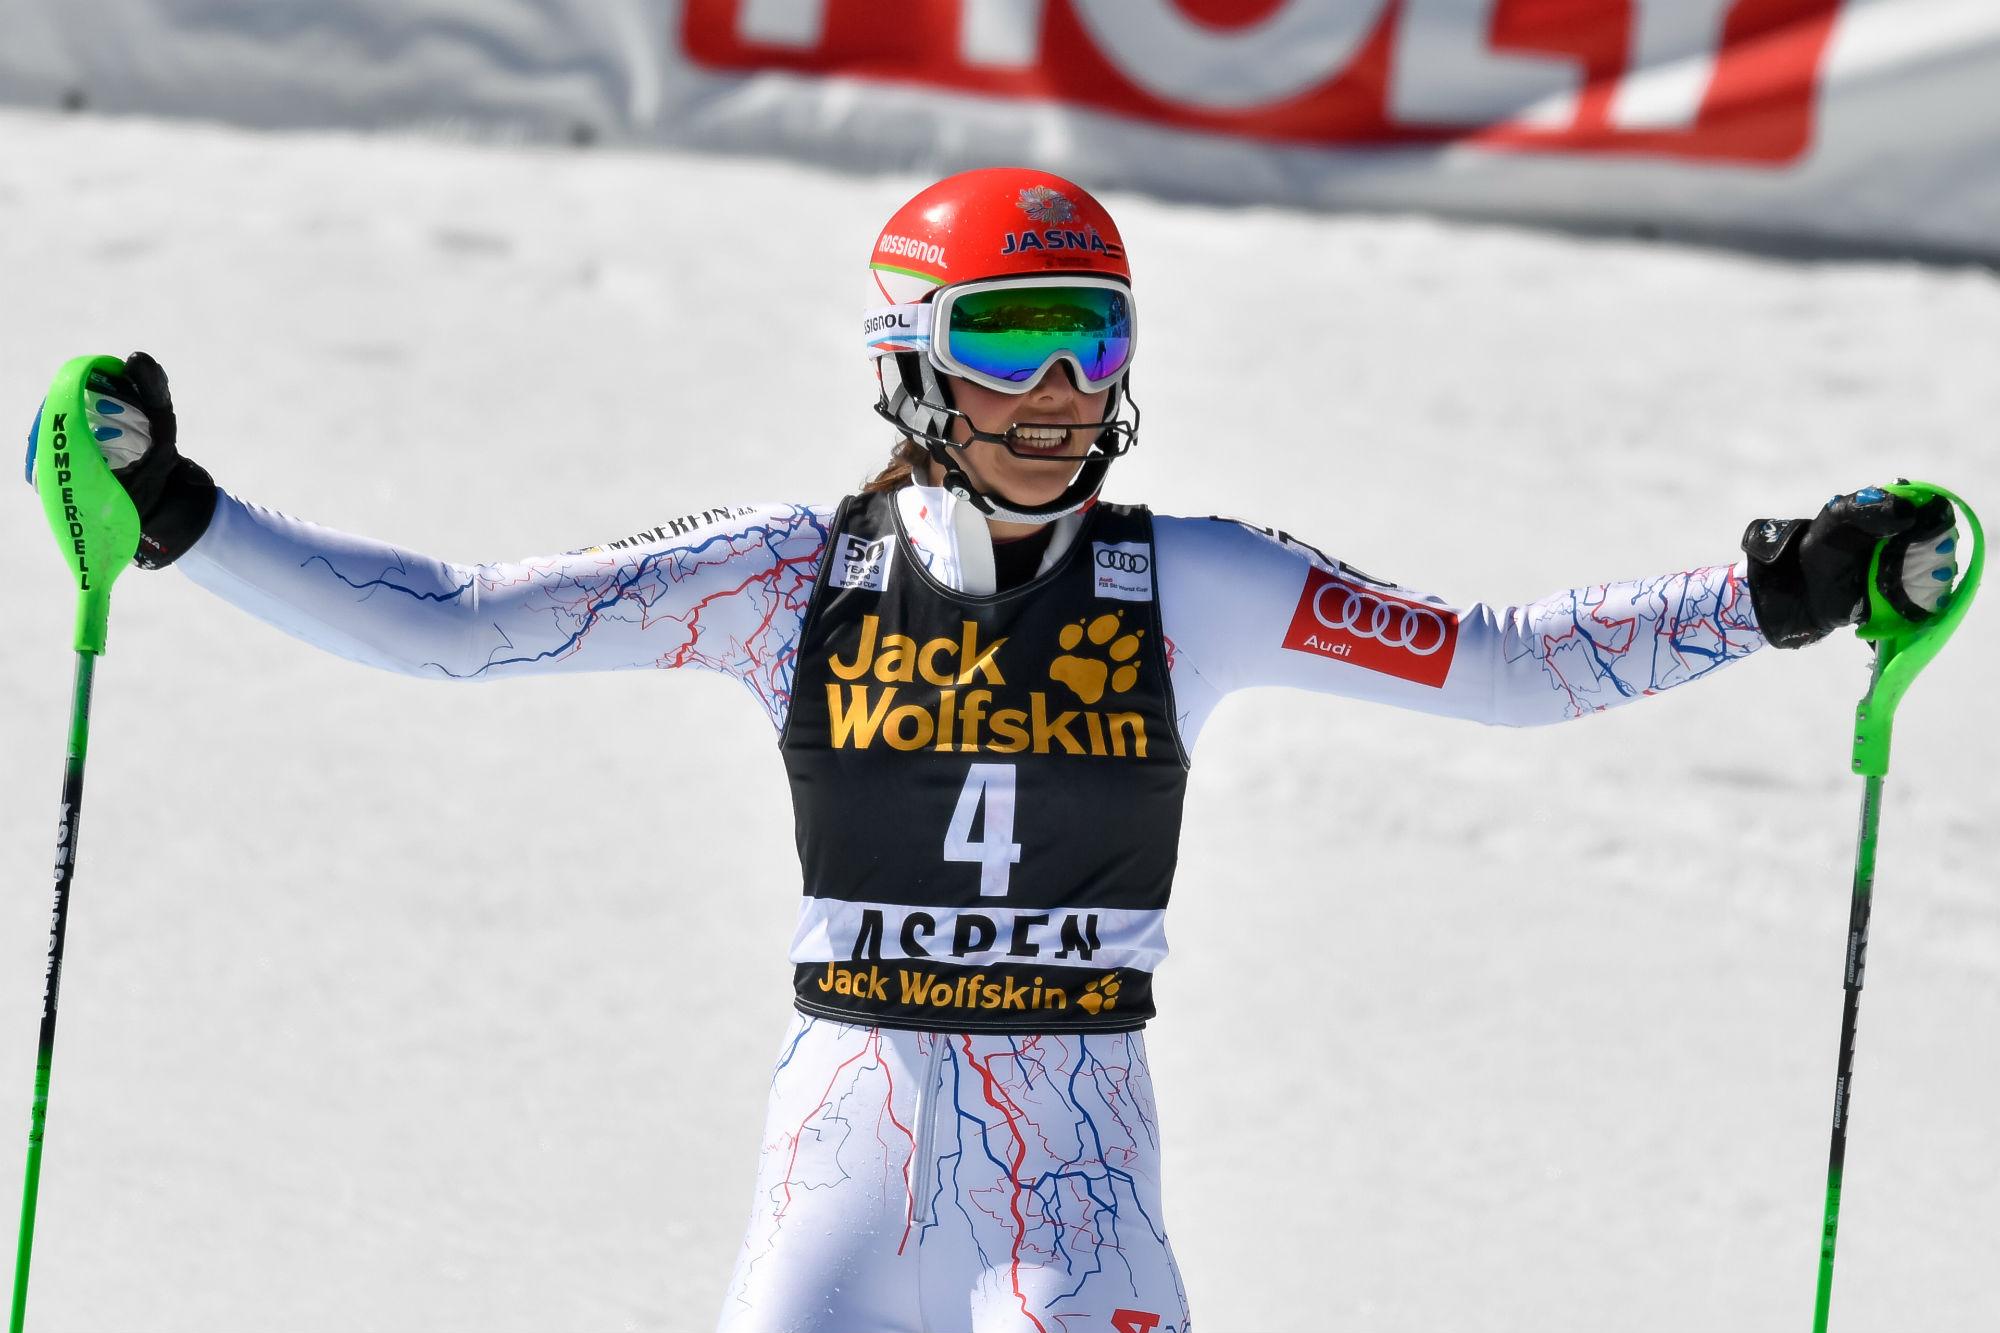 Petra Vlhova, un trionfo meritatissimo che sa di liberazione (@Zoom agence)